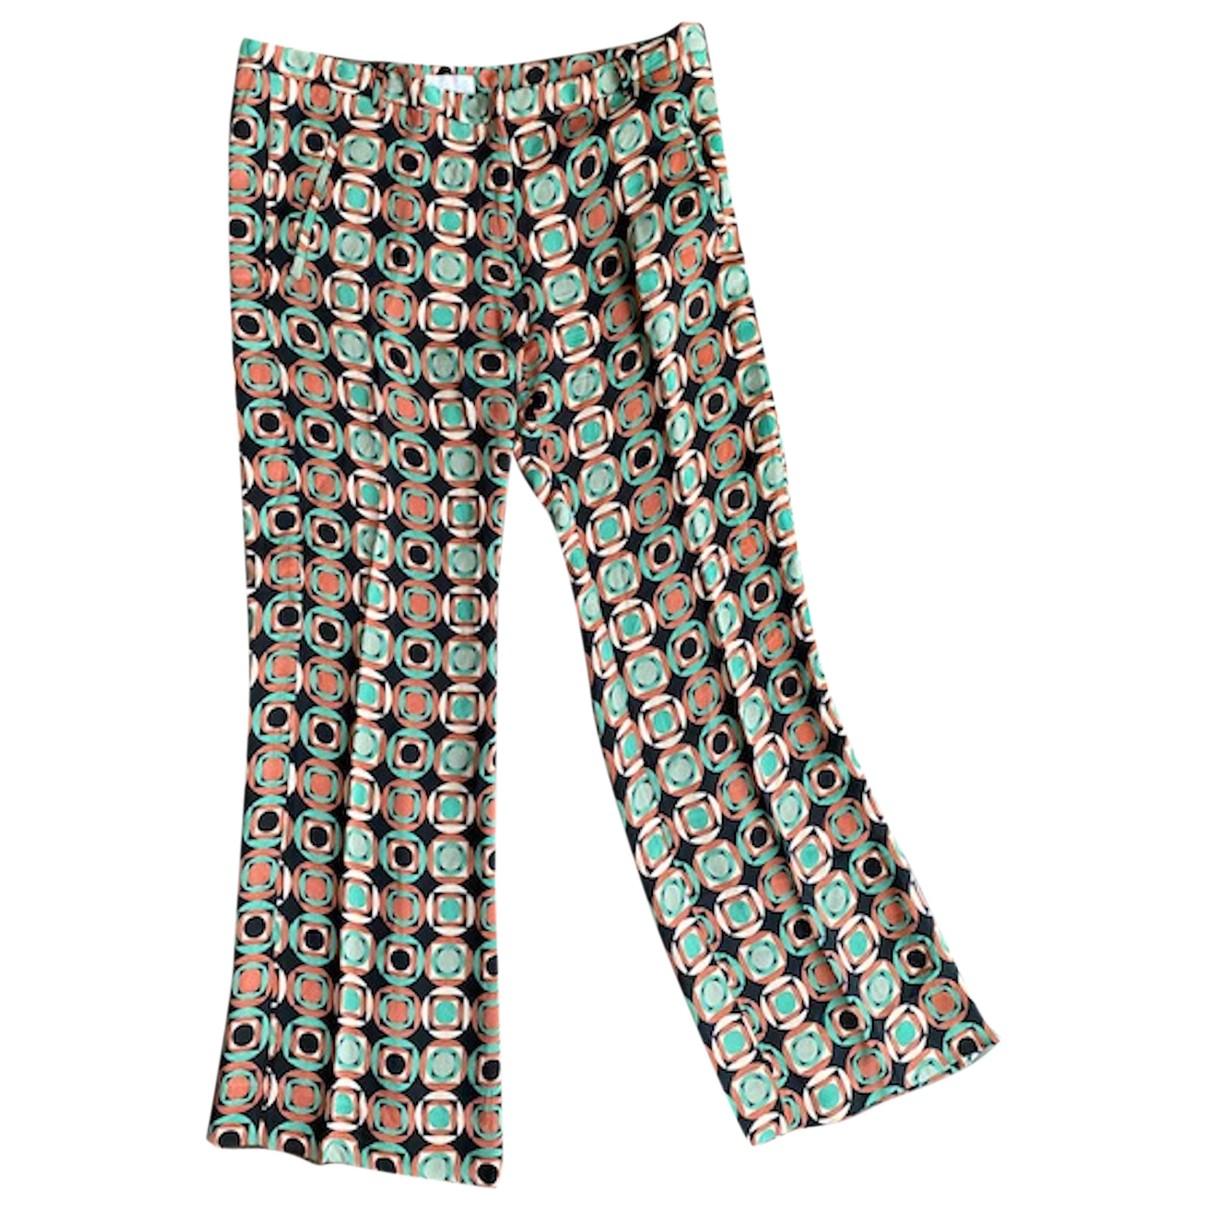 Pantalon en Viscosa Laurence Dolige